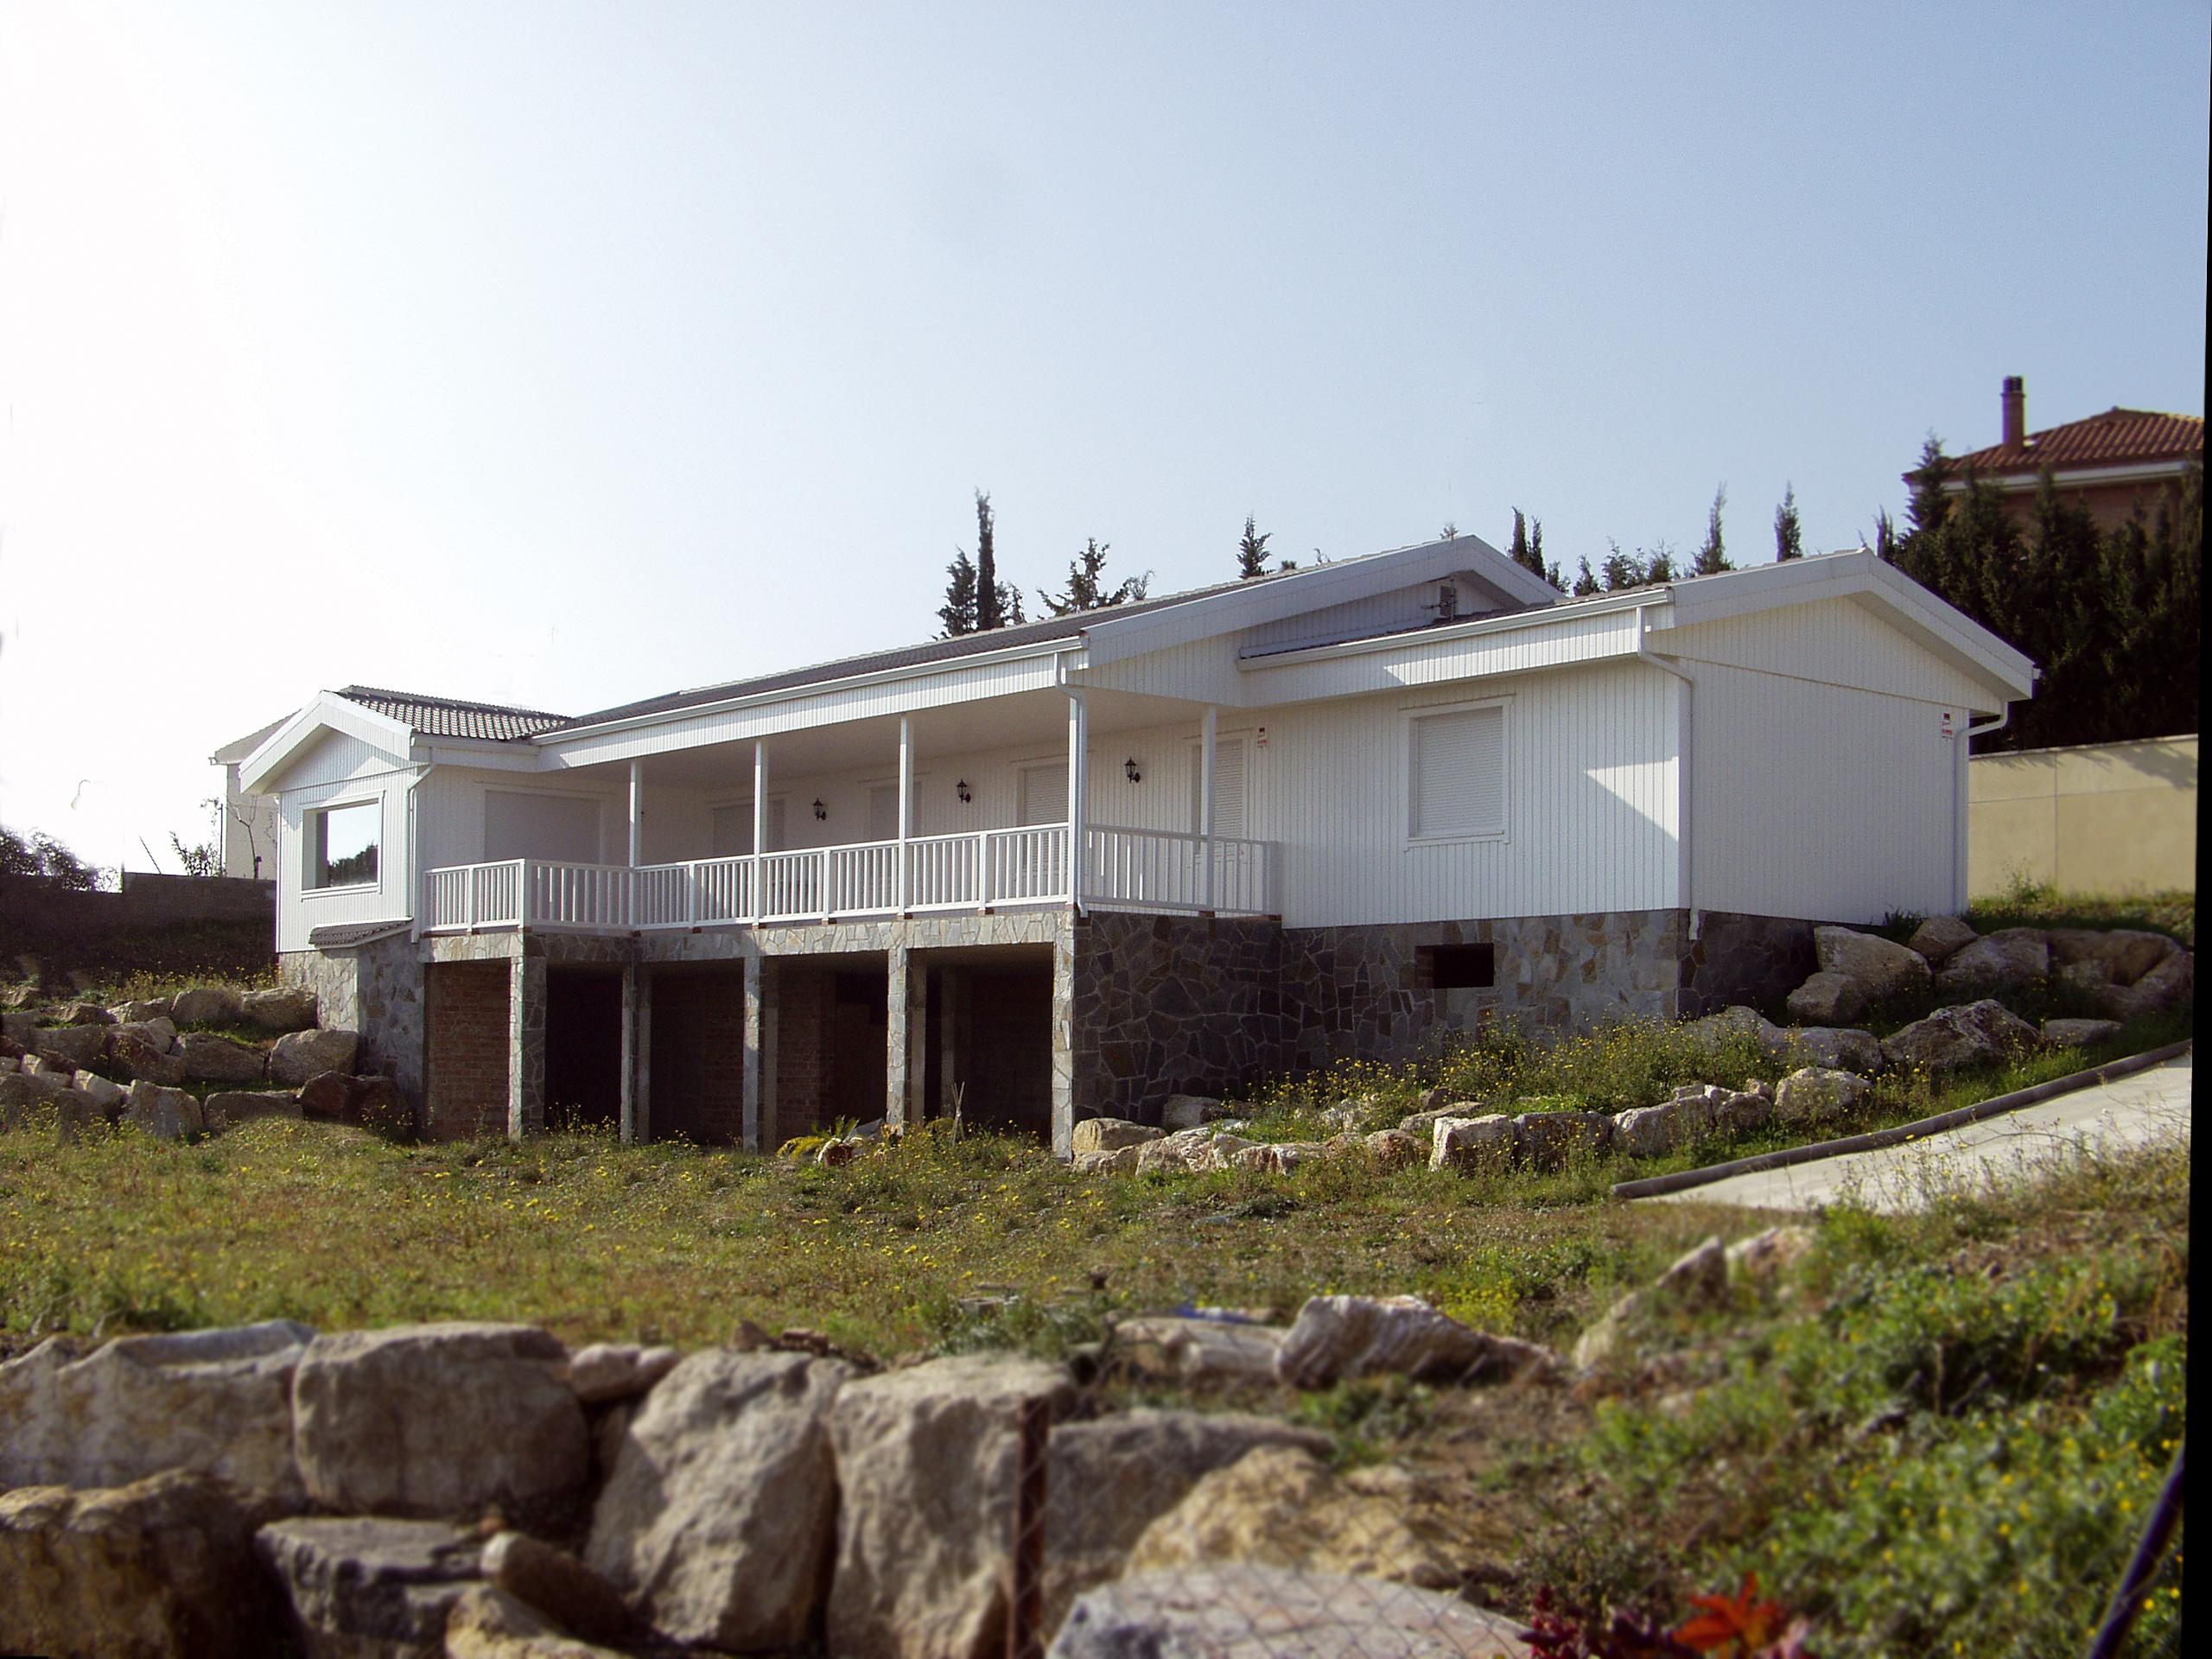 Casas y viviendas prefabricadas econ micas y sostenibles - Casas prefabricadas sostenibles ...